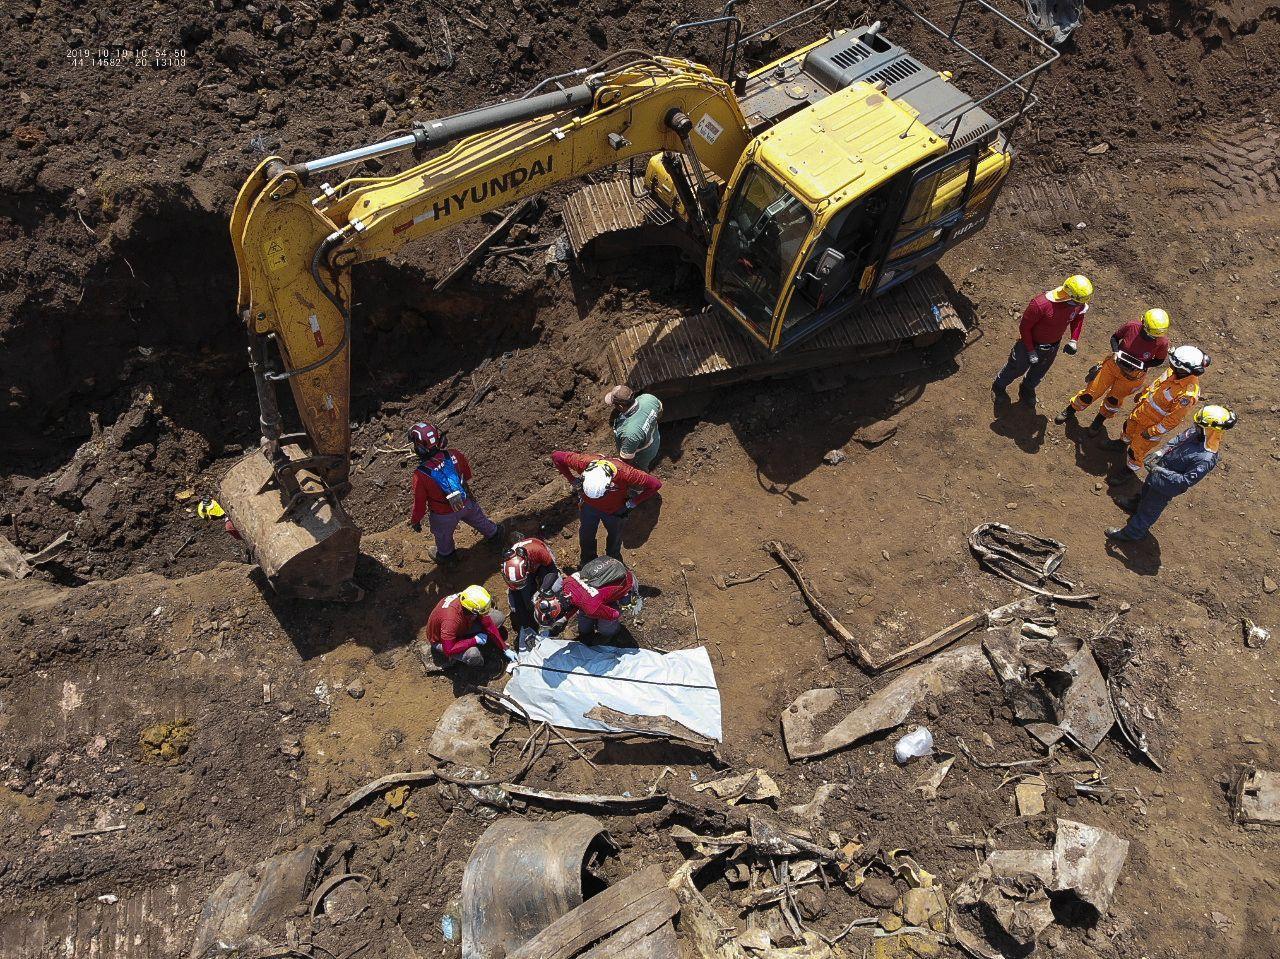 Crime socioambiental da Vale matou 270 pessoas em Brumadinho